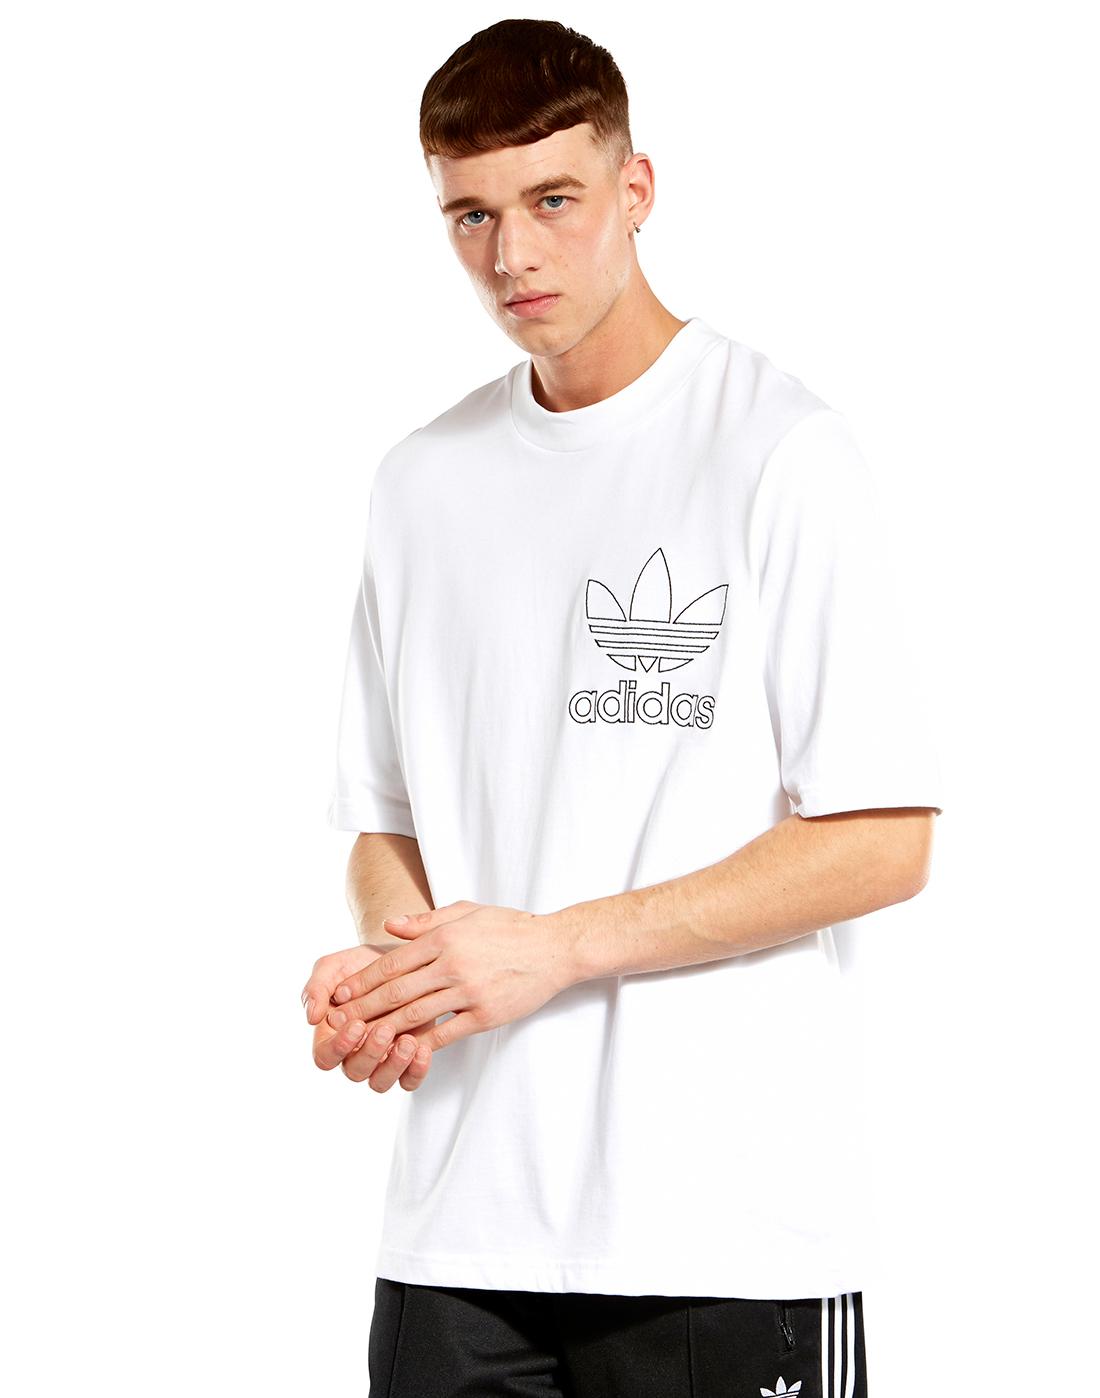 adidas originals tshirt outline